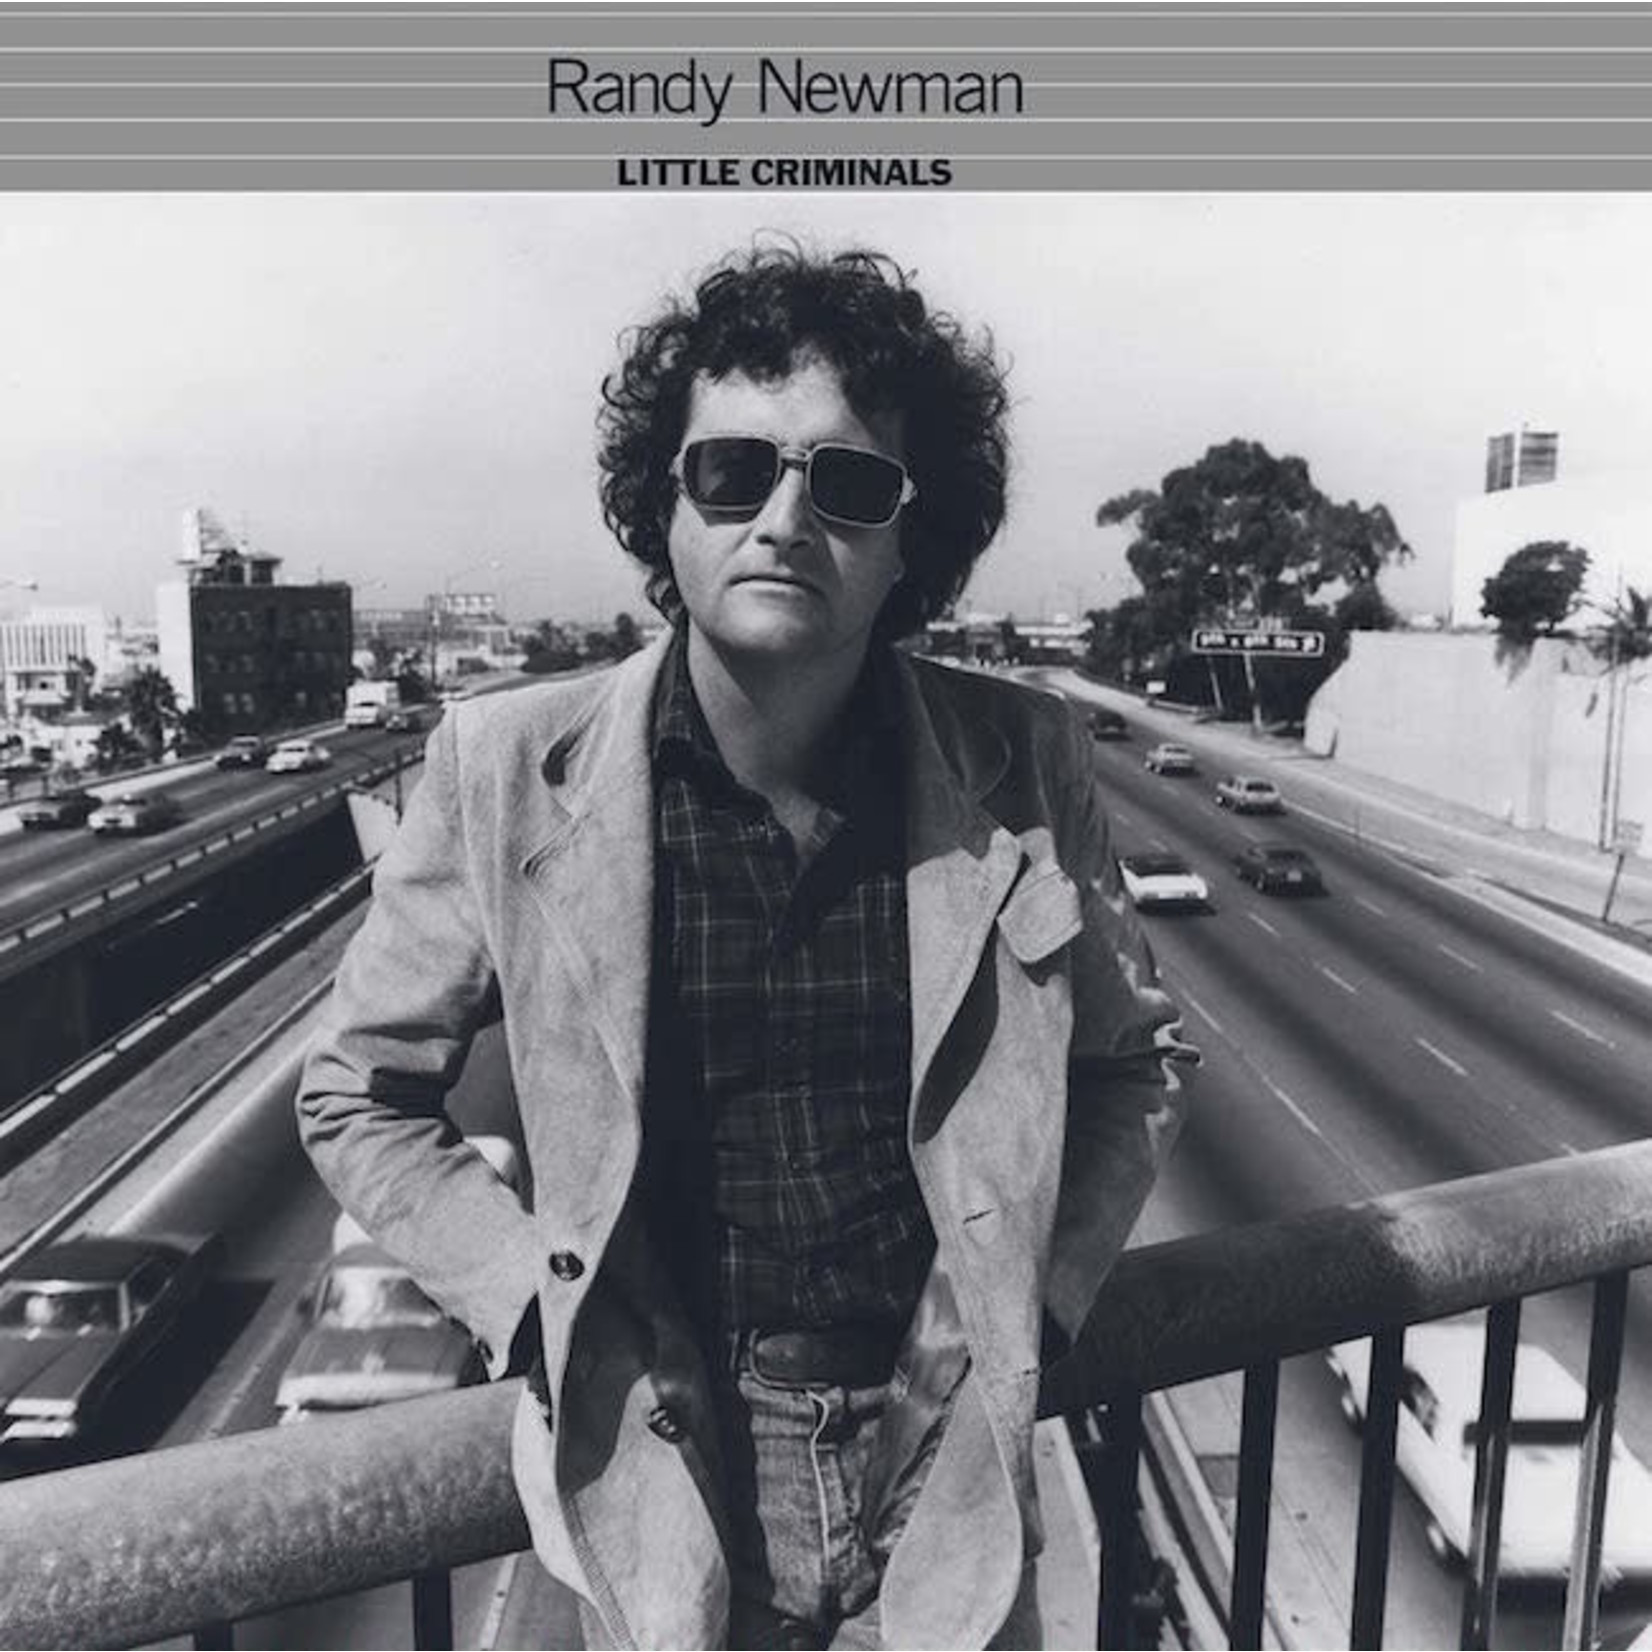 [Vintage] Newman, Randy: Little Criminals